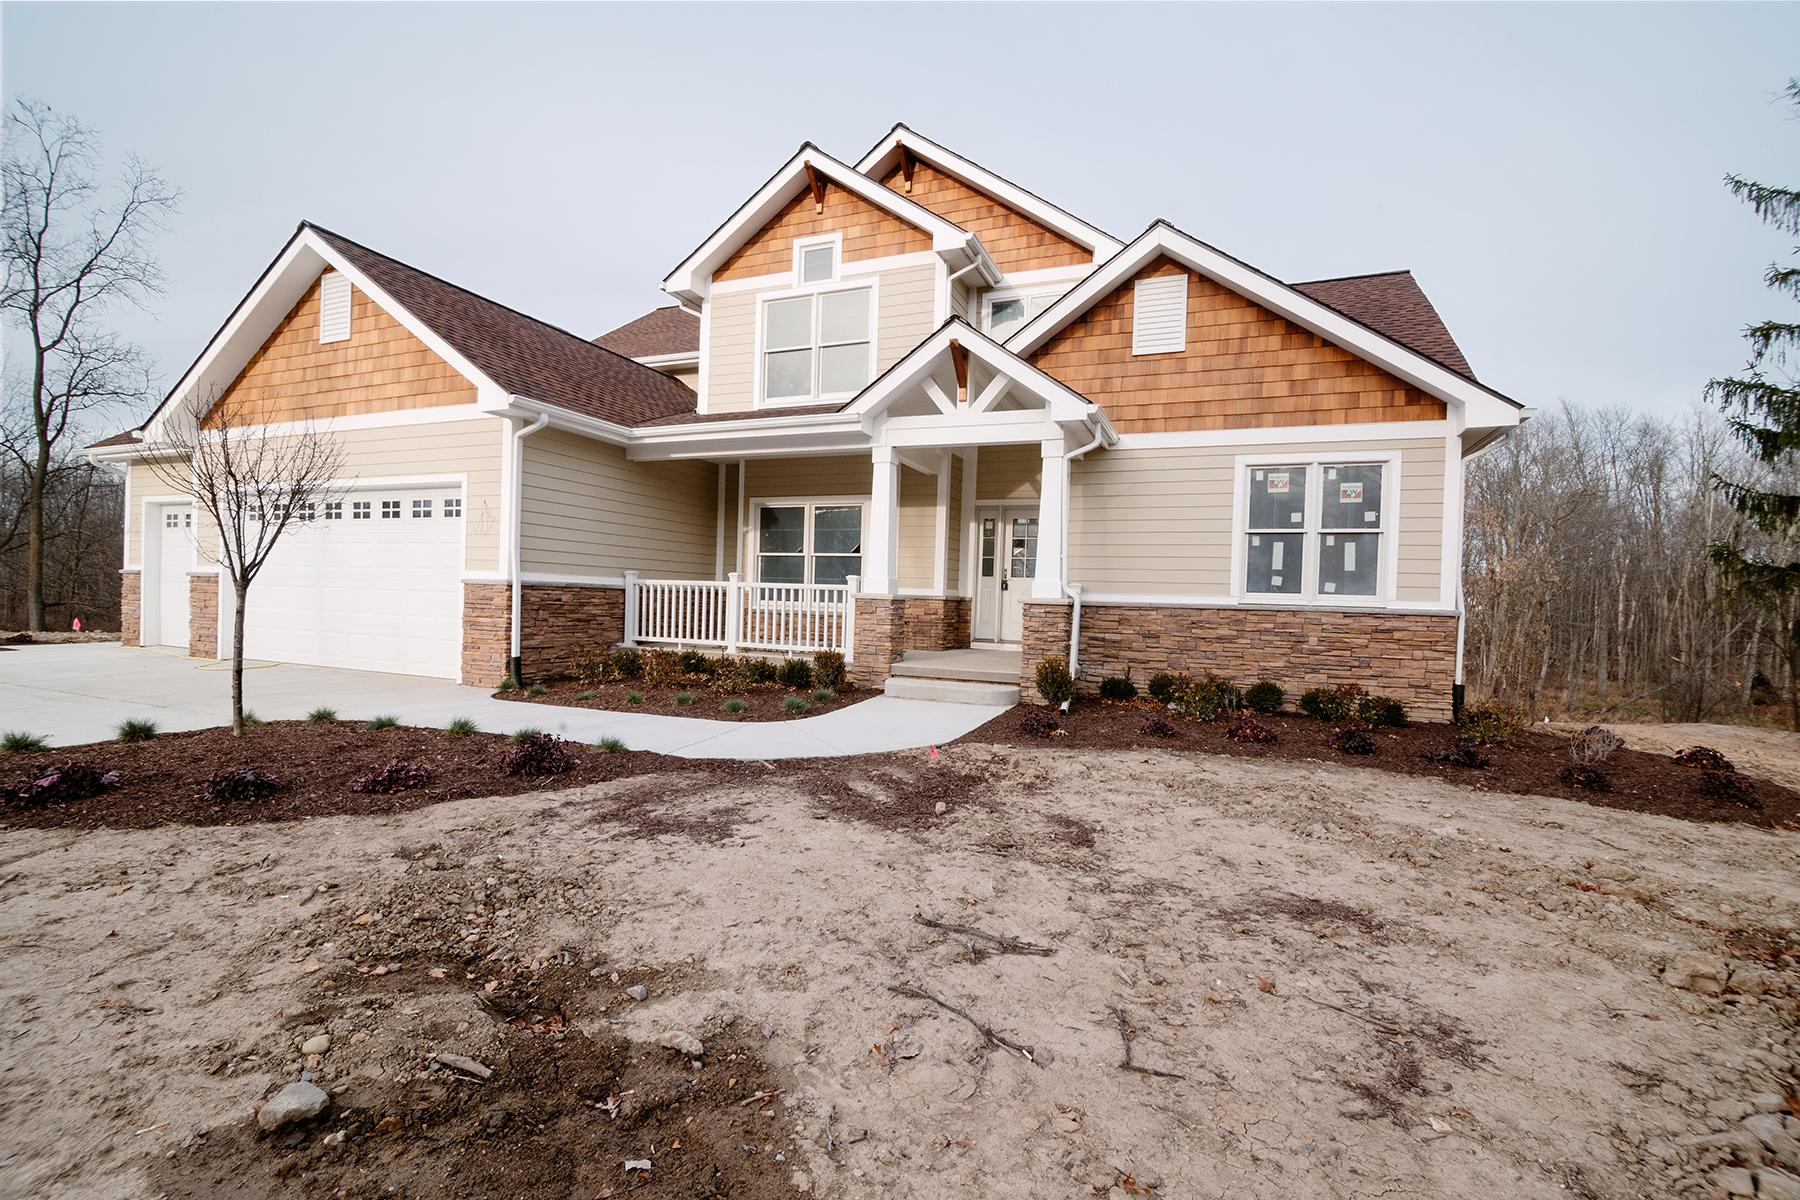 独户住宅 为 销售 在 Salem Township 5507 7 Mile Road South Lyon, 密歇根州, 48178 美国